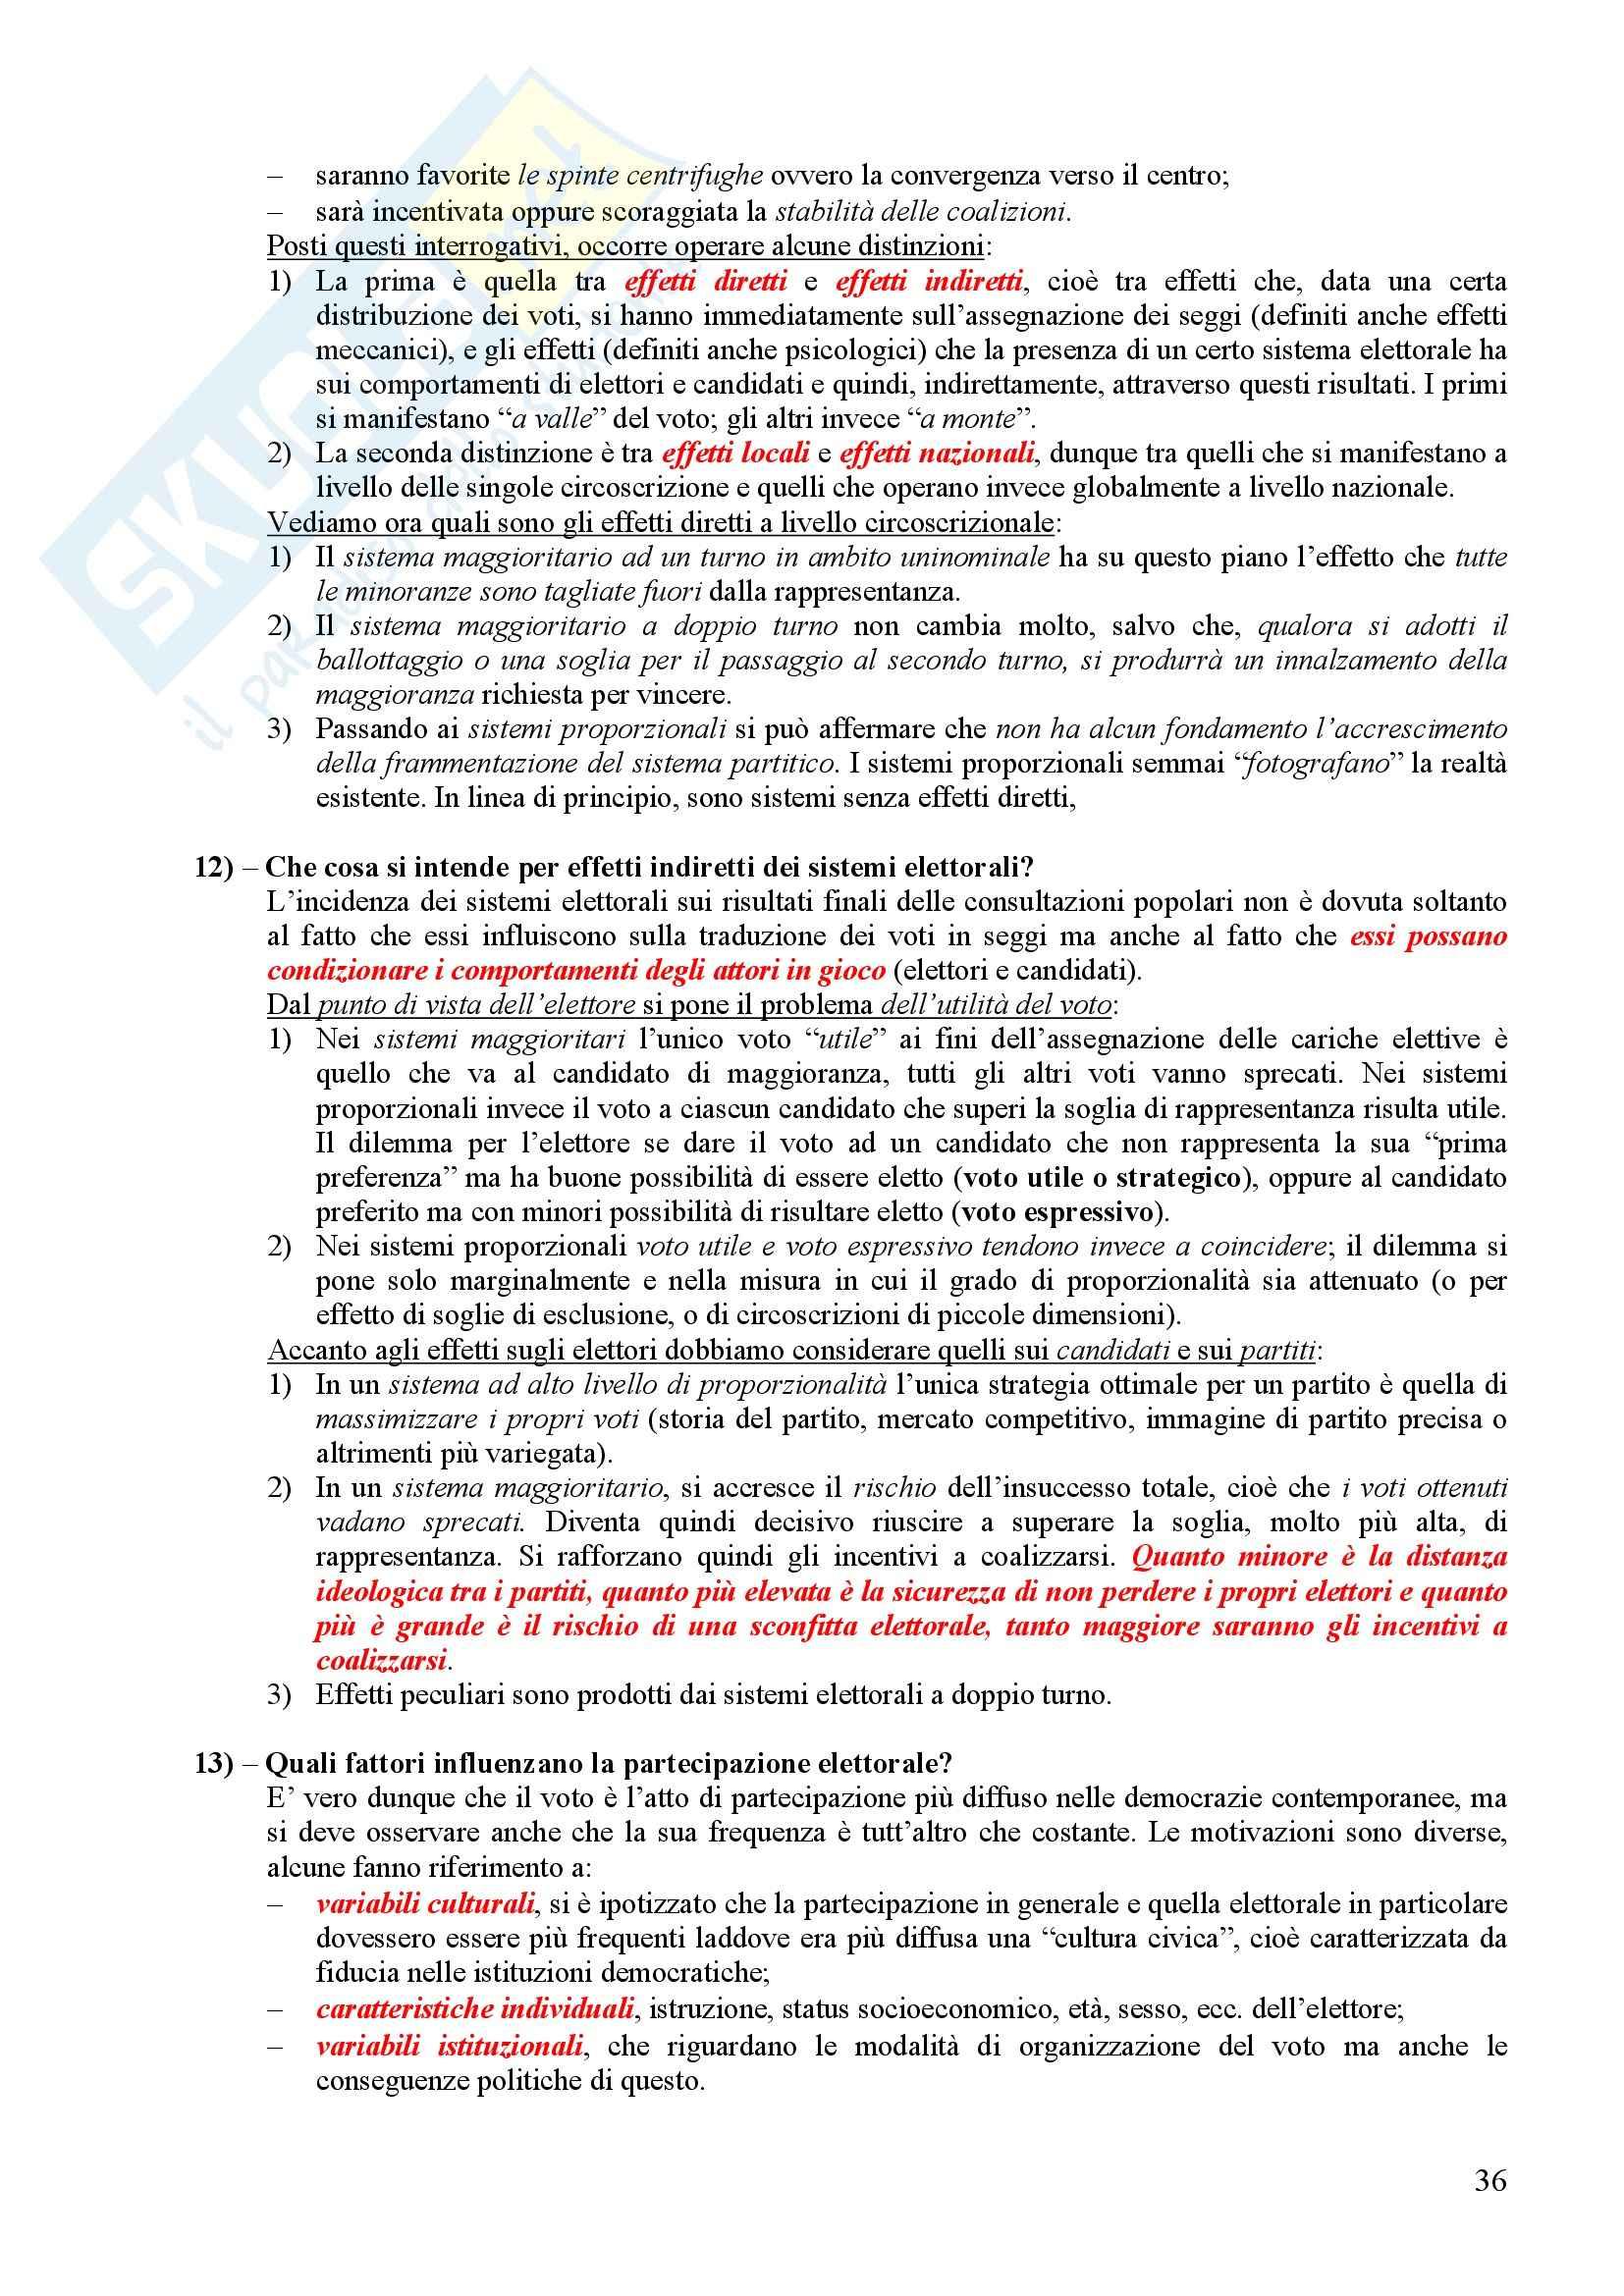 Scienza politica - Domande e risposte Pag. 36